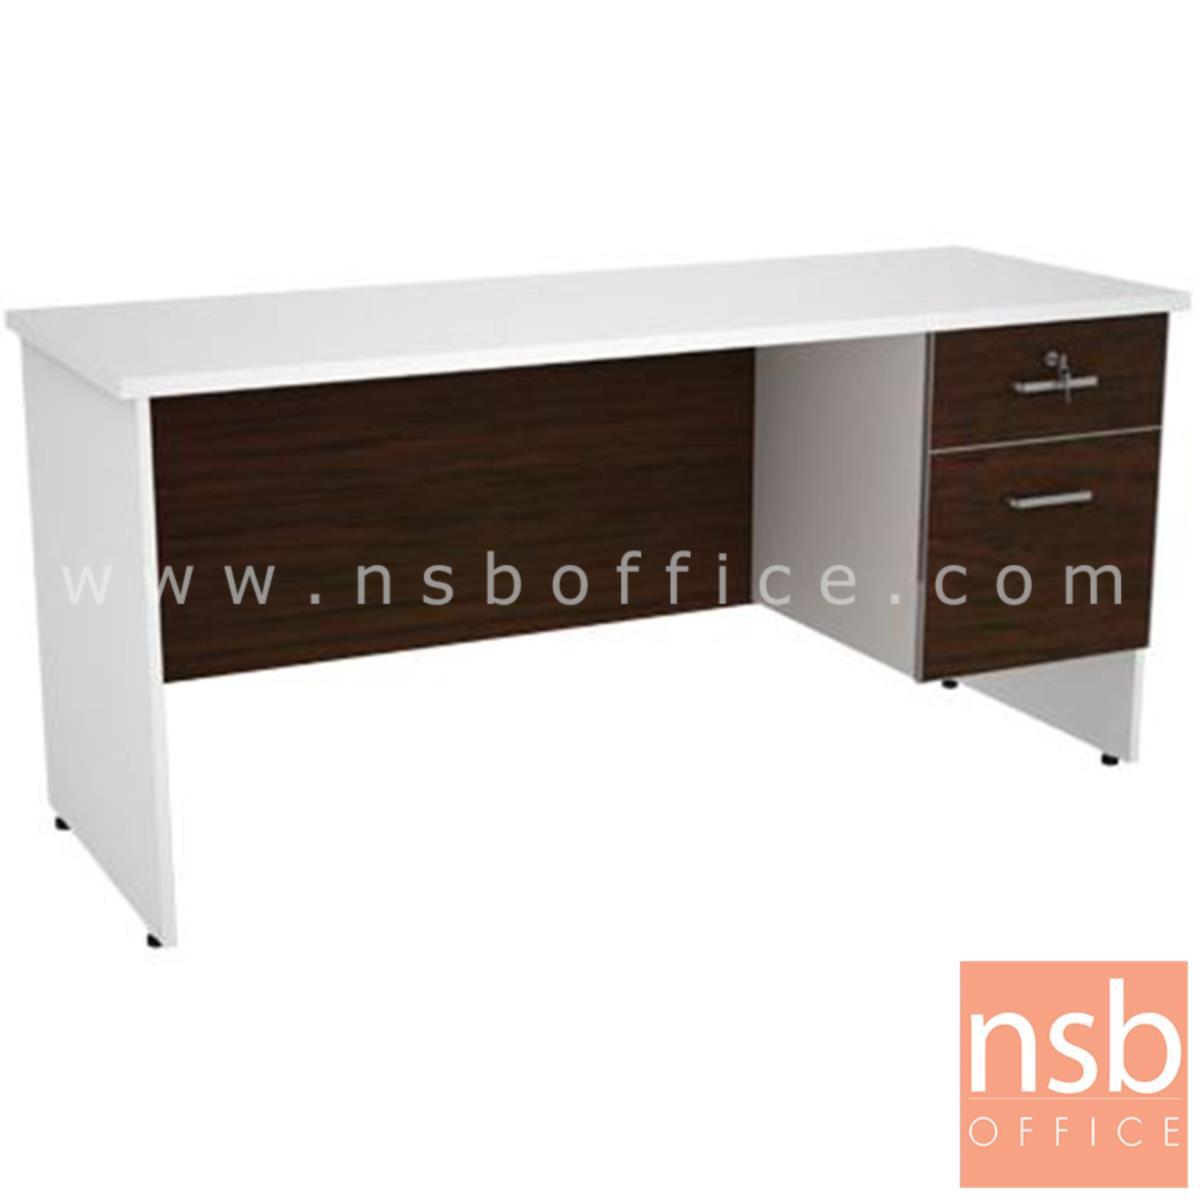 โต๊ะทำงาน 2 ลิ้นชัก รุ่น BeemBox (บีมบ็อกซ์) ขนาด 120W*60D ,160W*80D cm. เมลามีน สีเวงเก้-ขาว